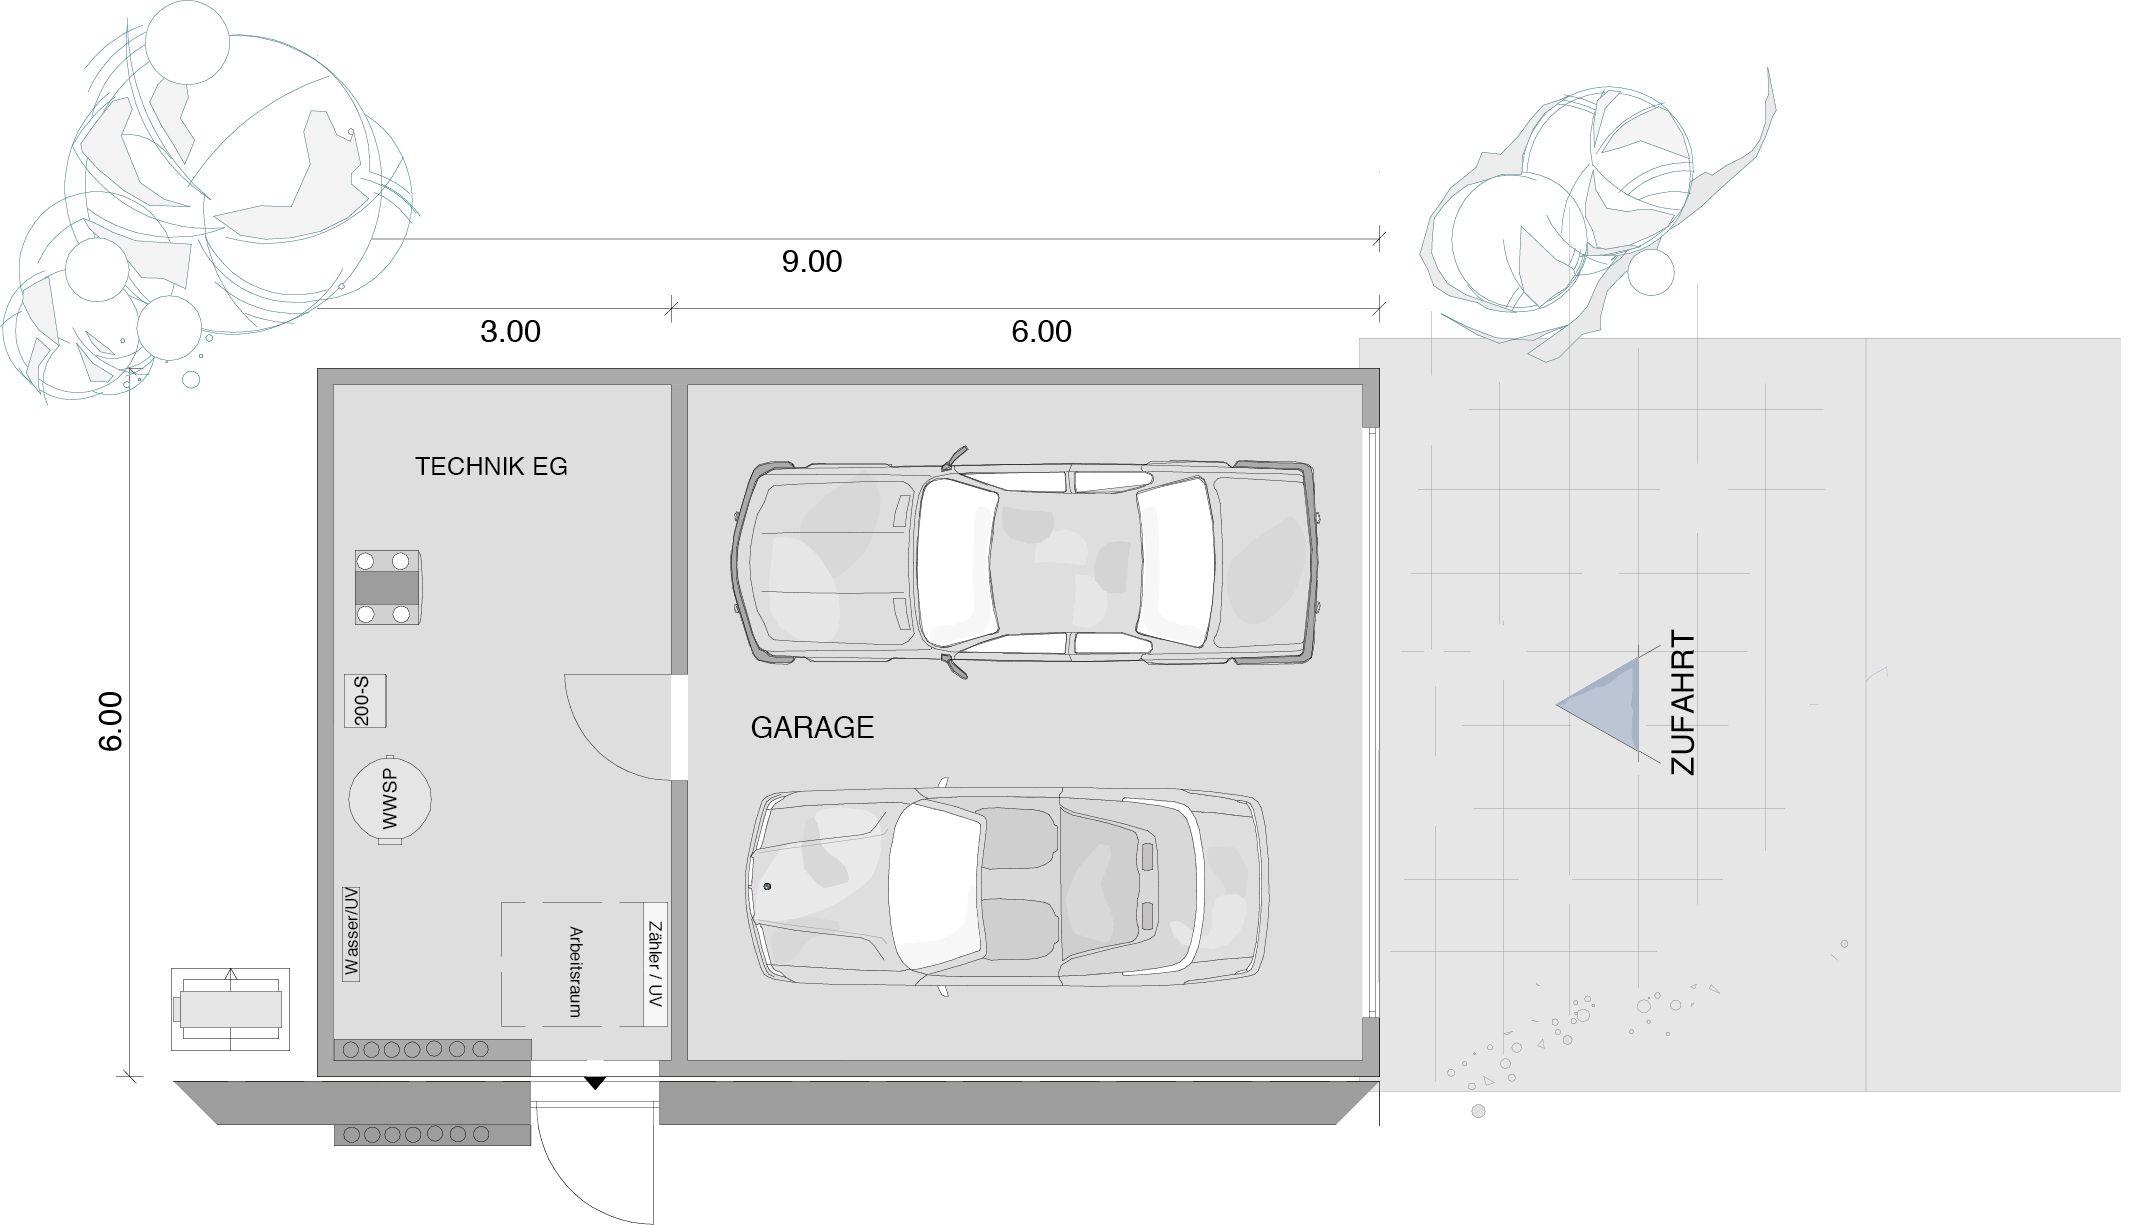 Fertiggarage grundriss  Fertighaus bauen, Fertighäuser von KAMPA | Pinterest | Garage ...